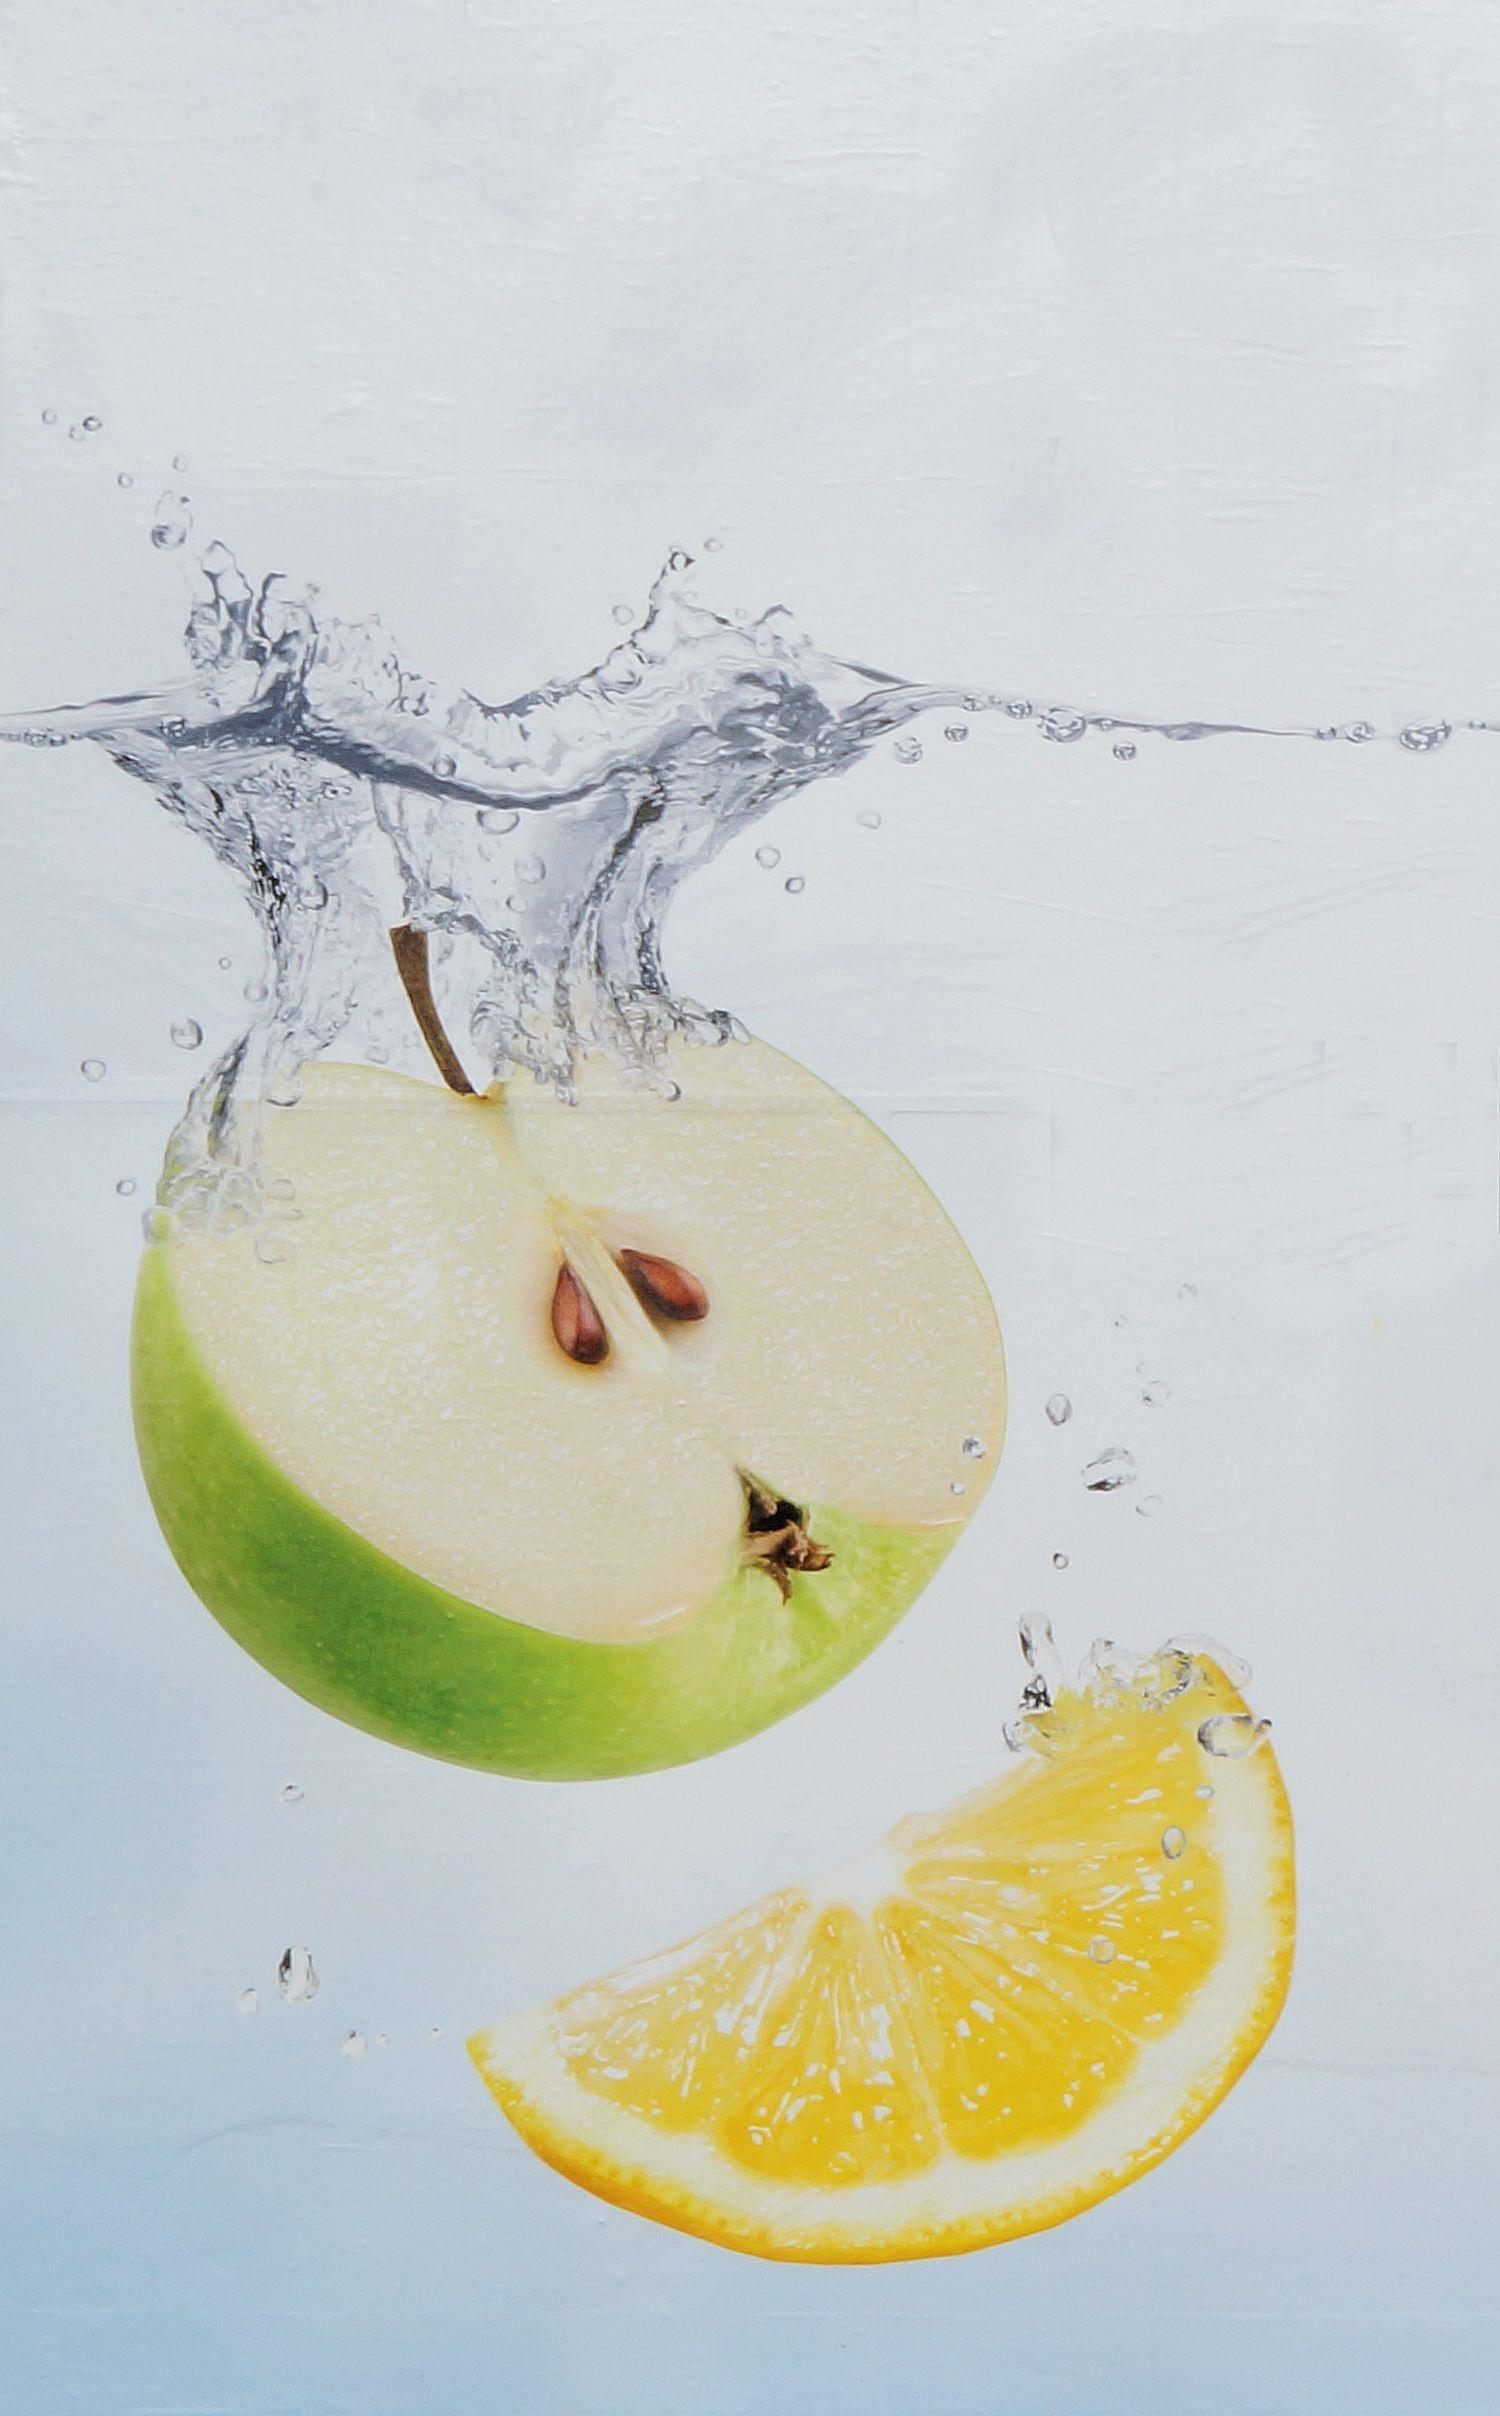 Gambar Apel Menanam Buah Iklan Makanan Hijau Guyuran Menghasilkan Segar Minum Kuning Sehat Lemon Lukisan Vitamin Tanaman Berbunga Menyuntikkan Pencelupan Laser Tanaman Tanah Mandi Air Komposisi Gambar 1500x2416 942412